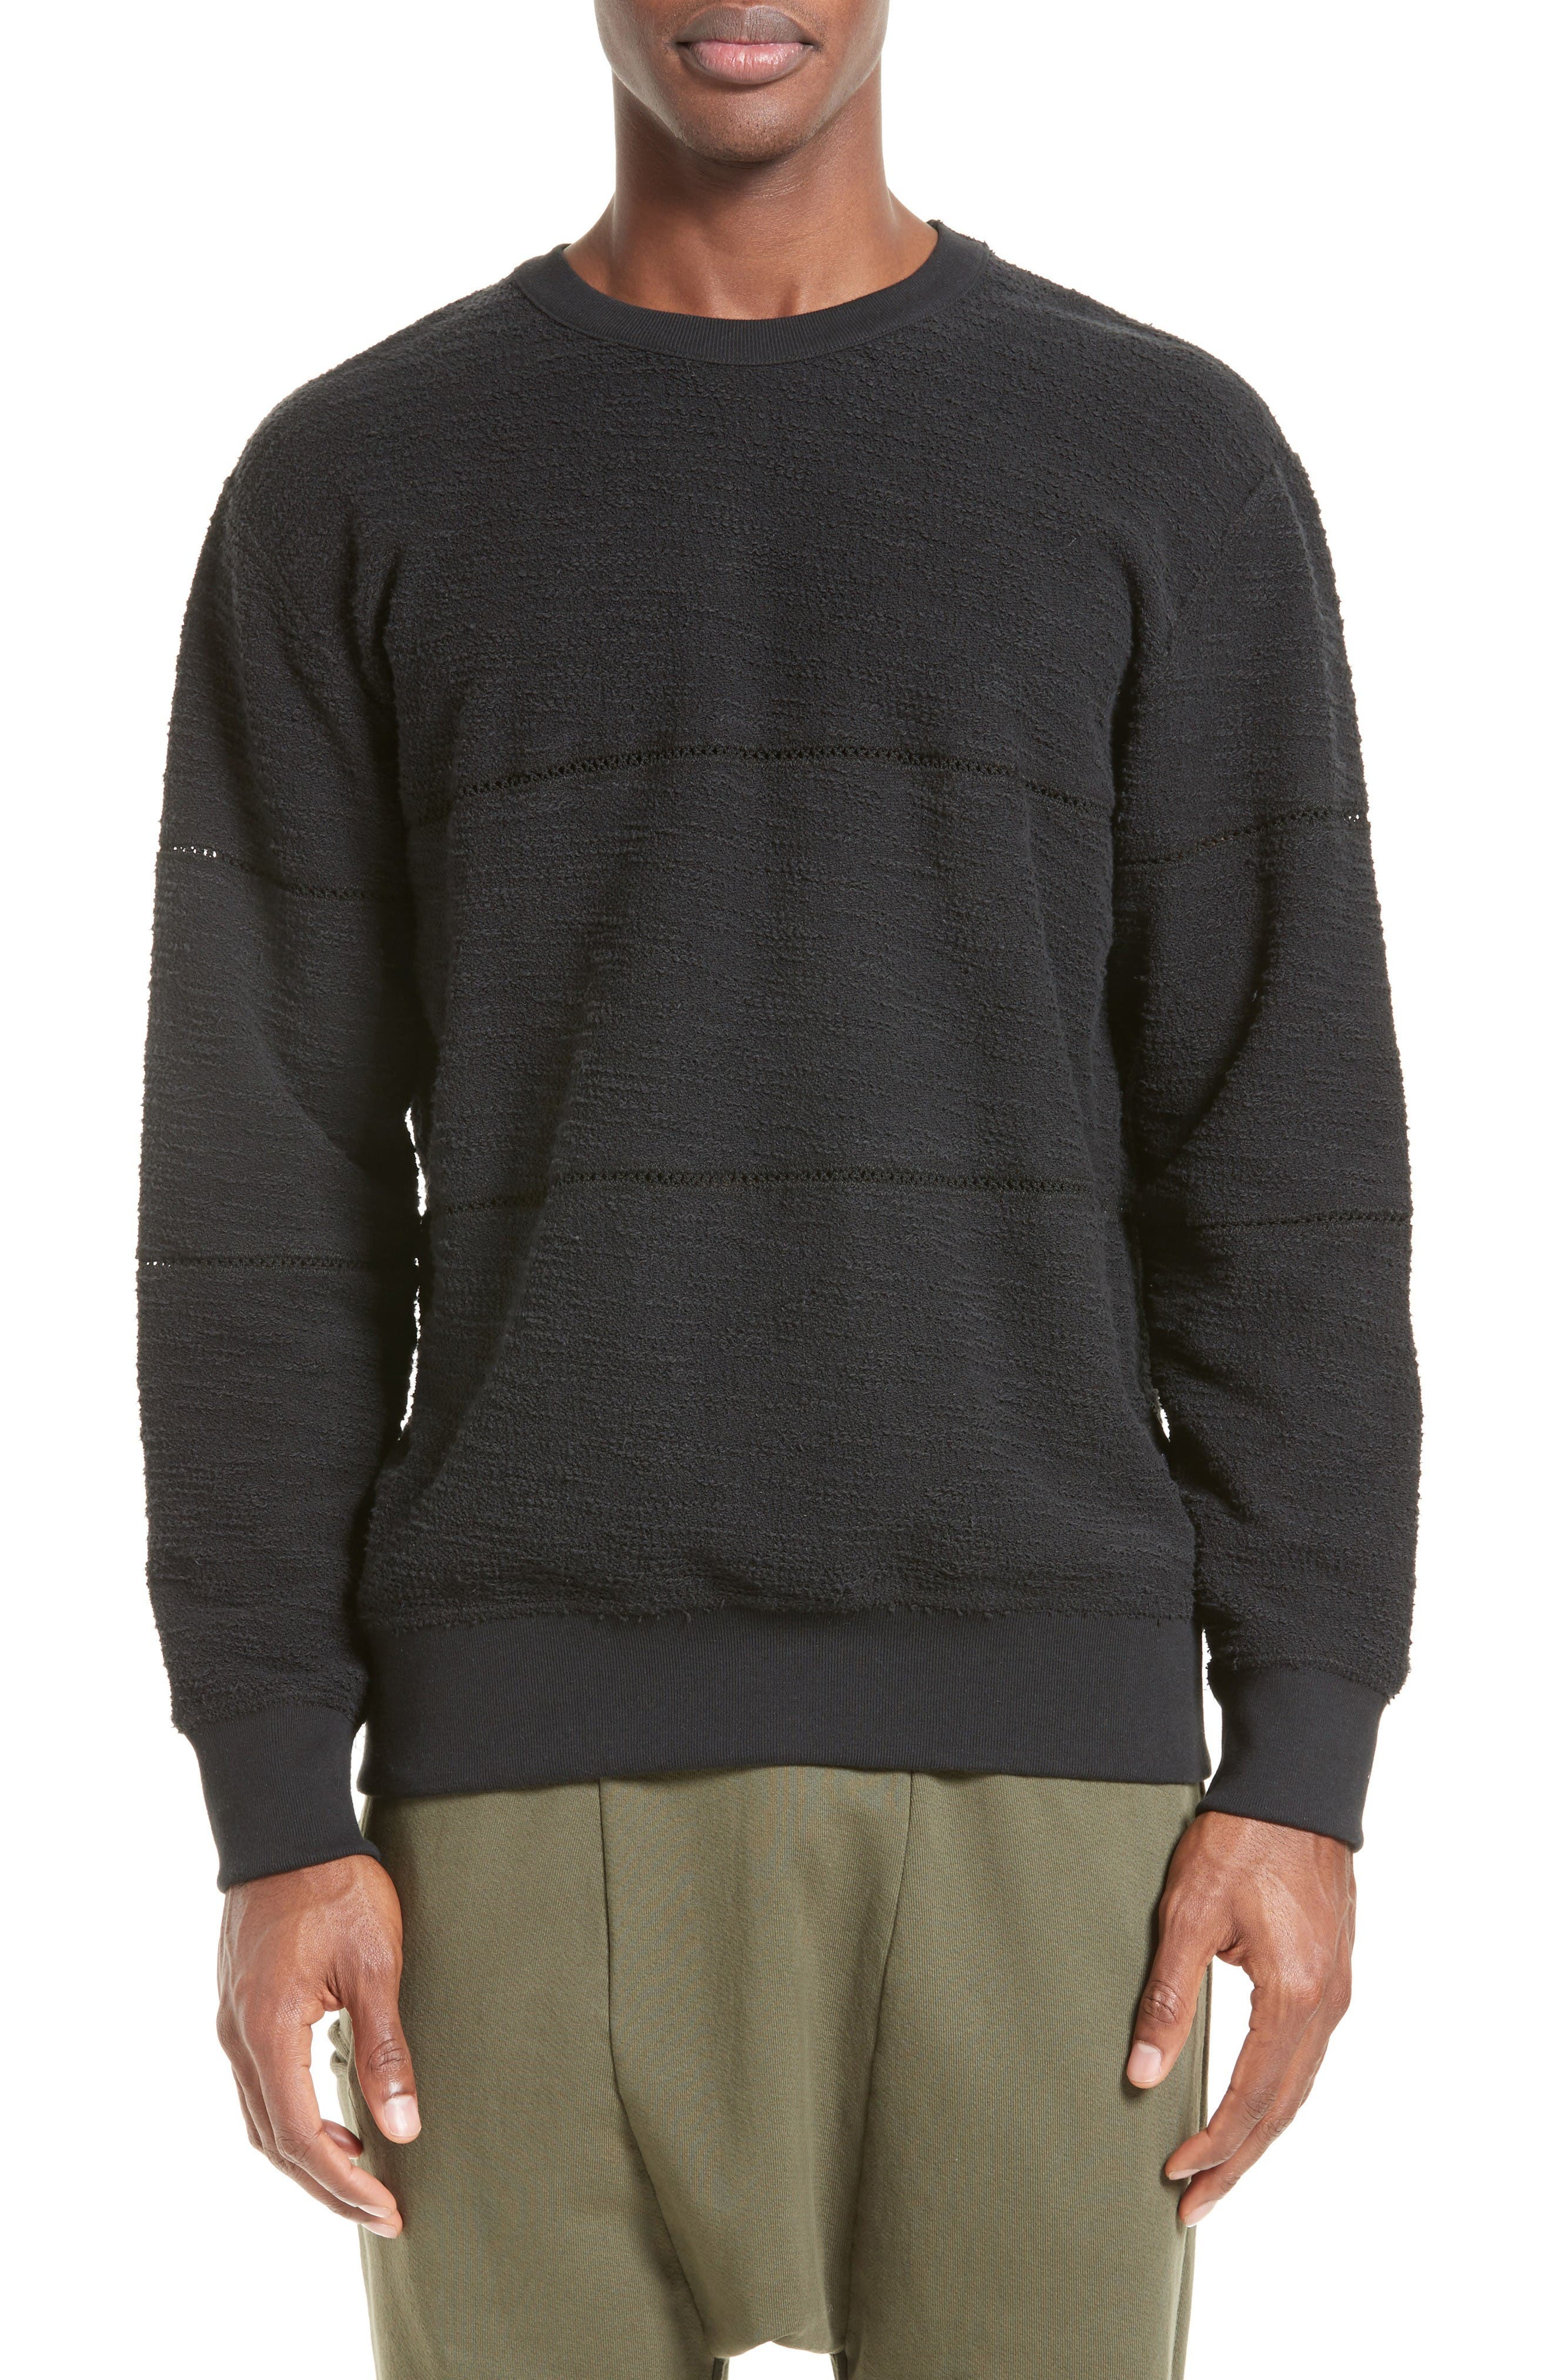 DRIFTER Prodigy Slub Knit Sweatshirt